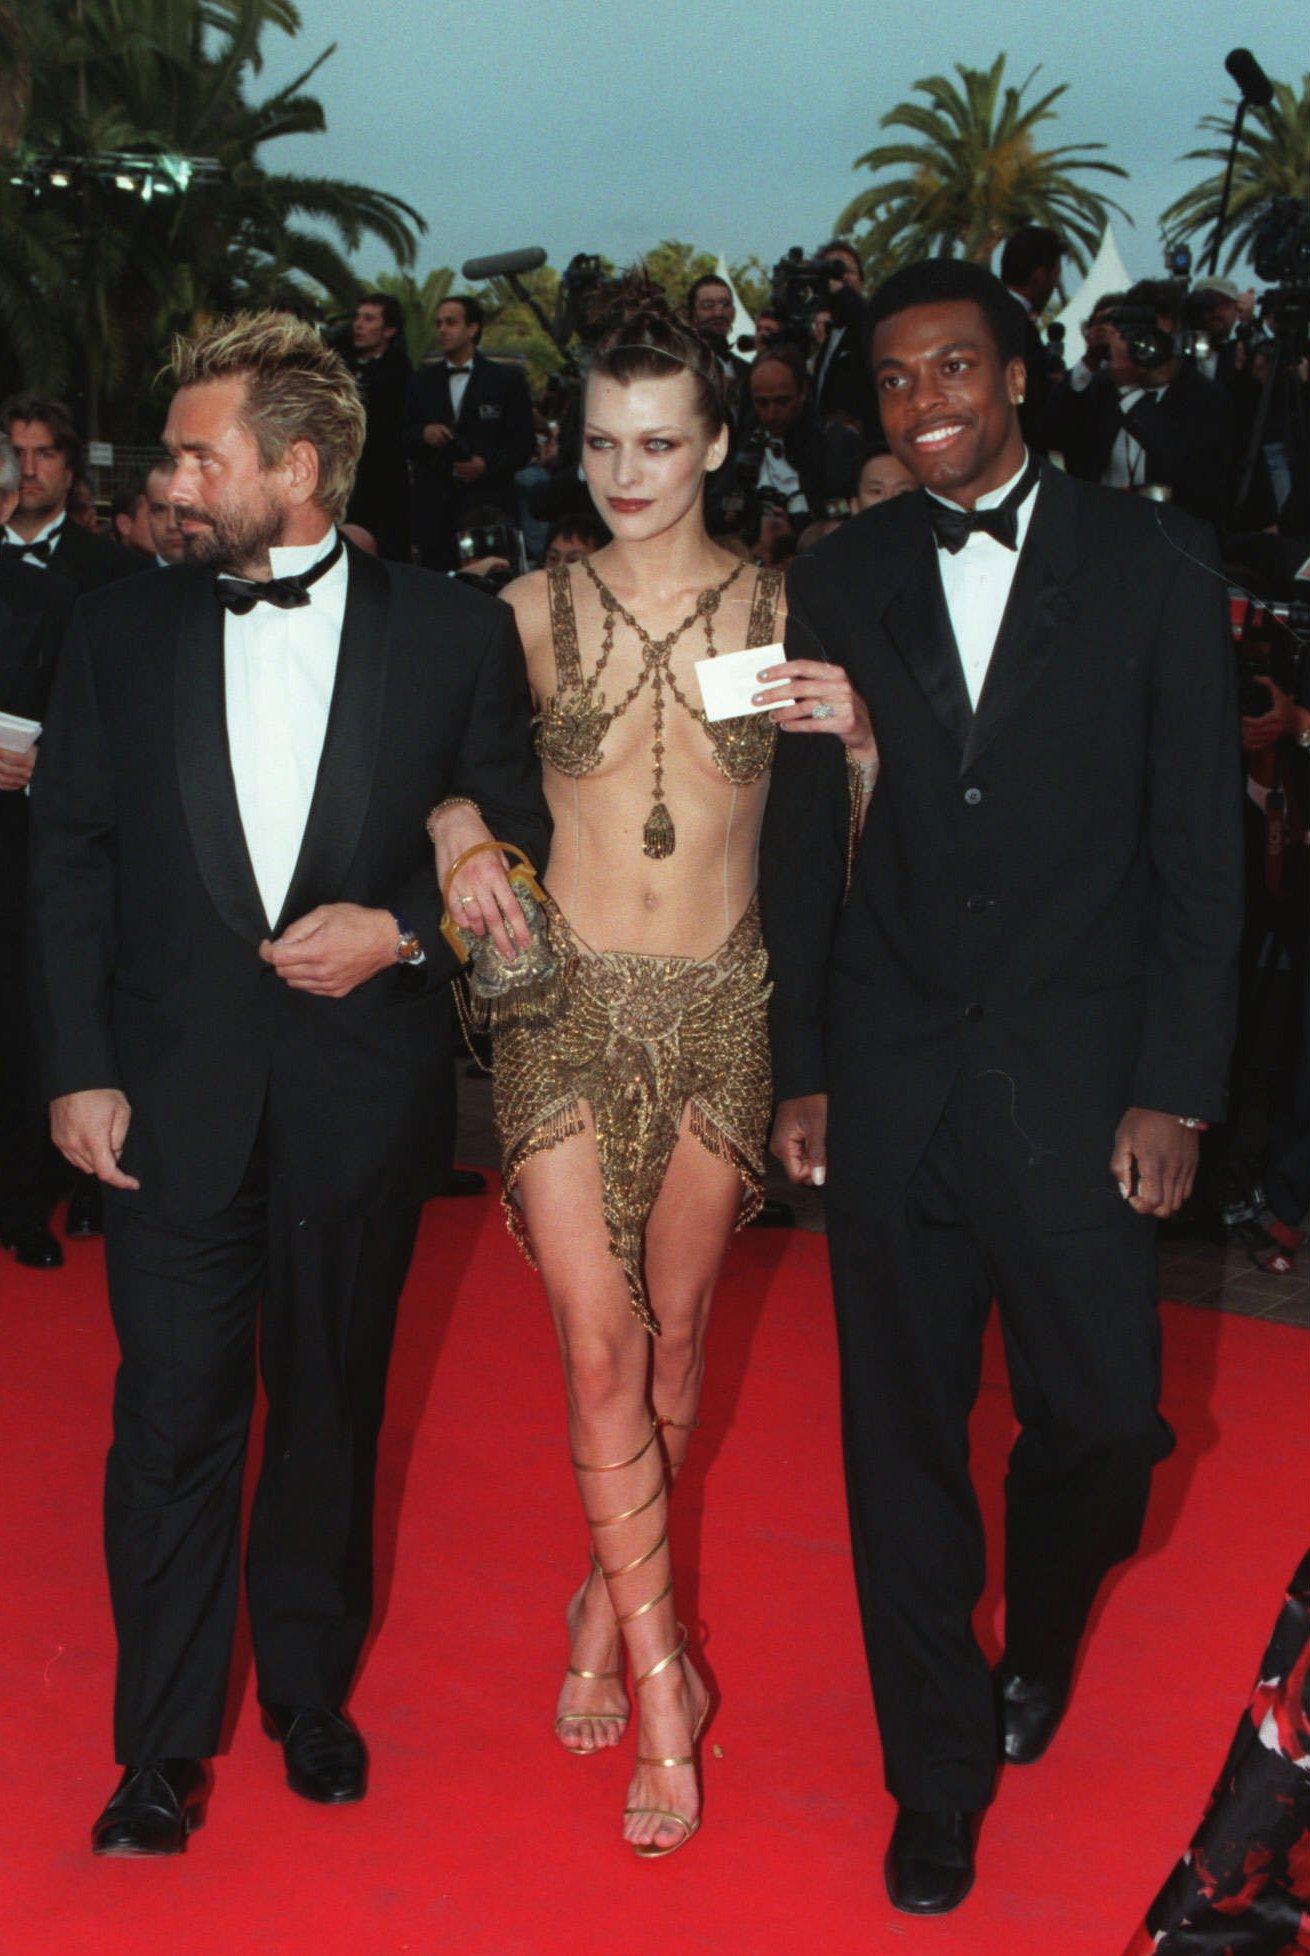 女星蜜拉喬娃維(中)由法國導演盧貝松 (左) 及「尖峰時刻」男星Chris Tucker陪同,出席第50屆坎城影展「第五元素」首映 。美聯社